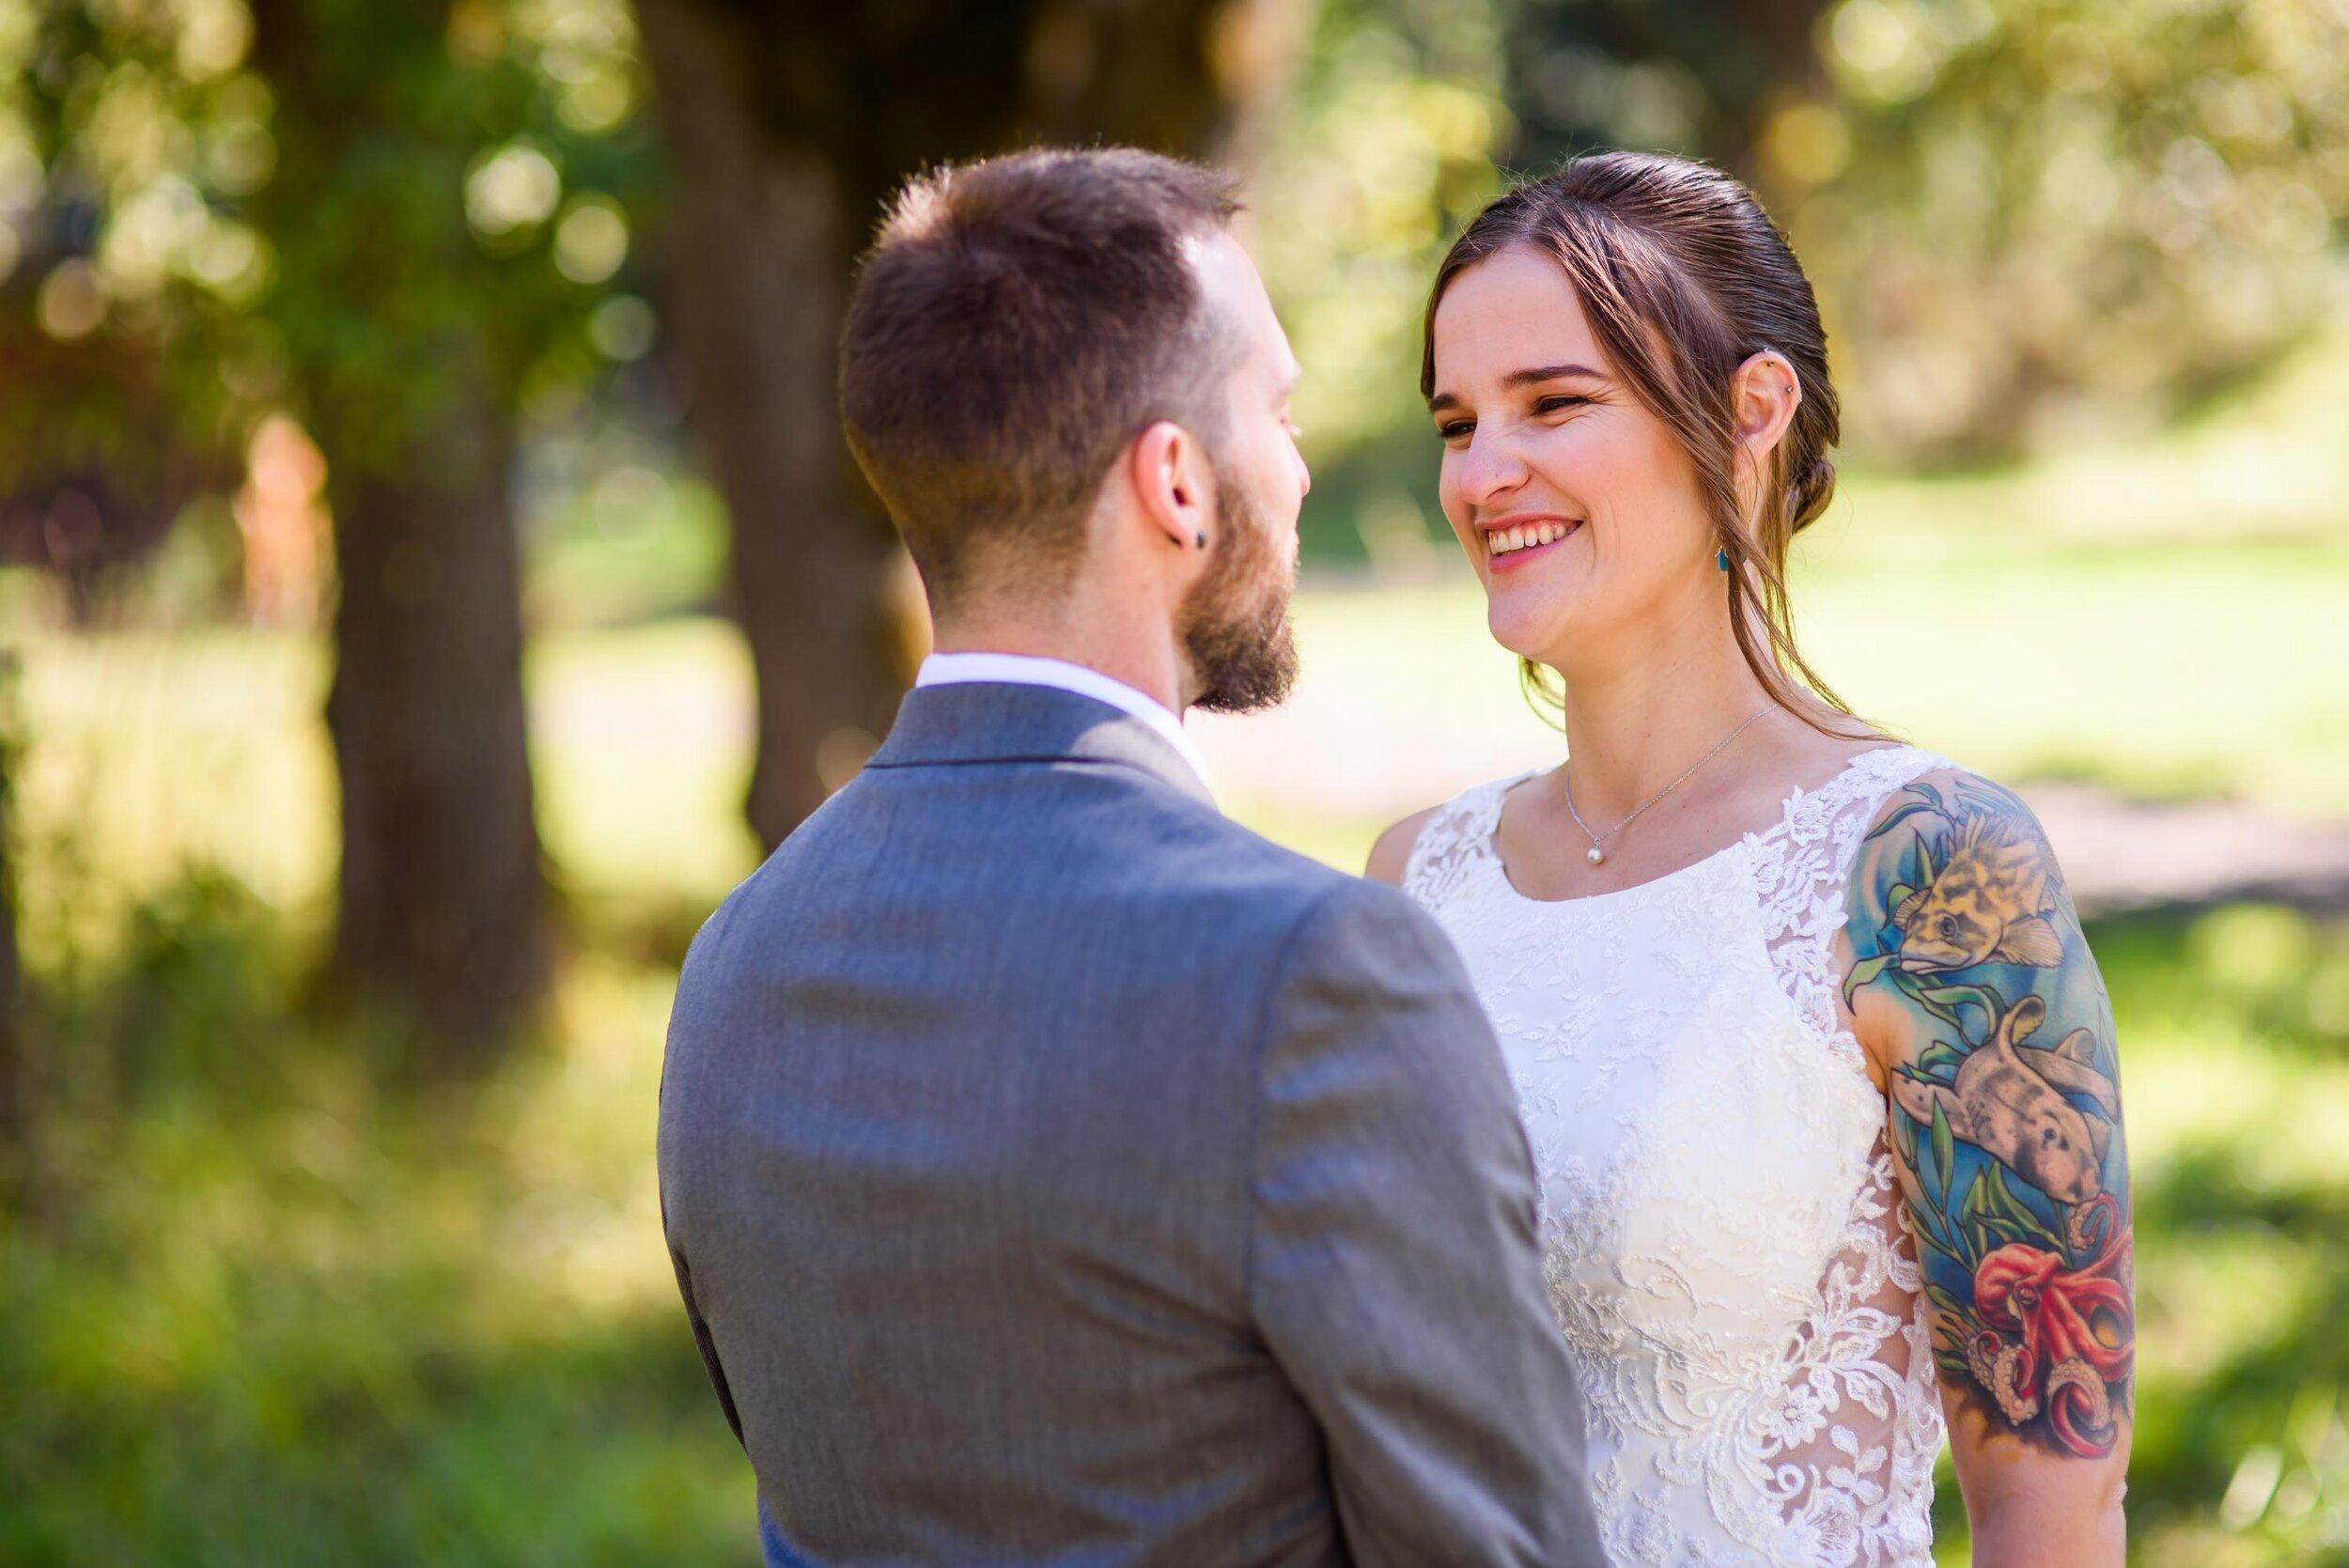 Mt. Pisgah Arboretum wedding photos 21.JPG